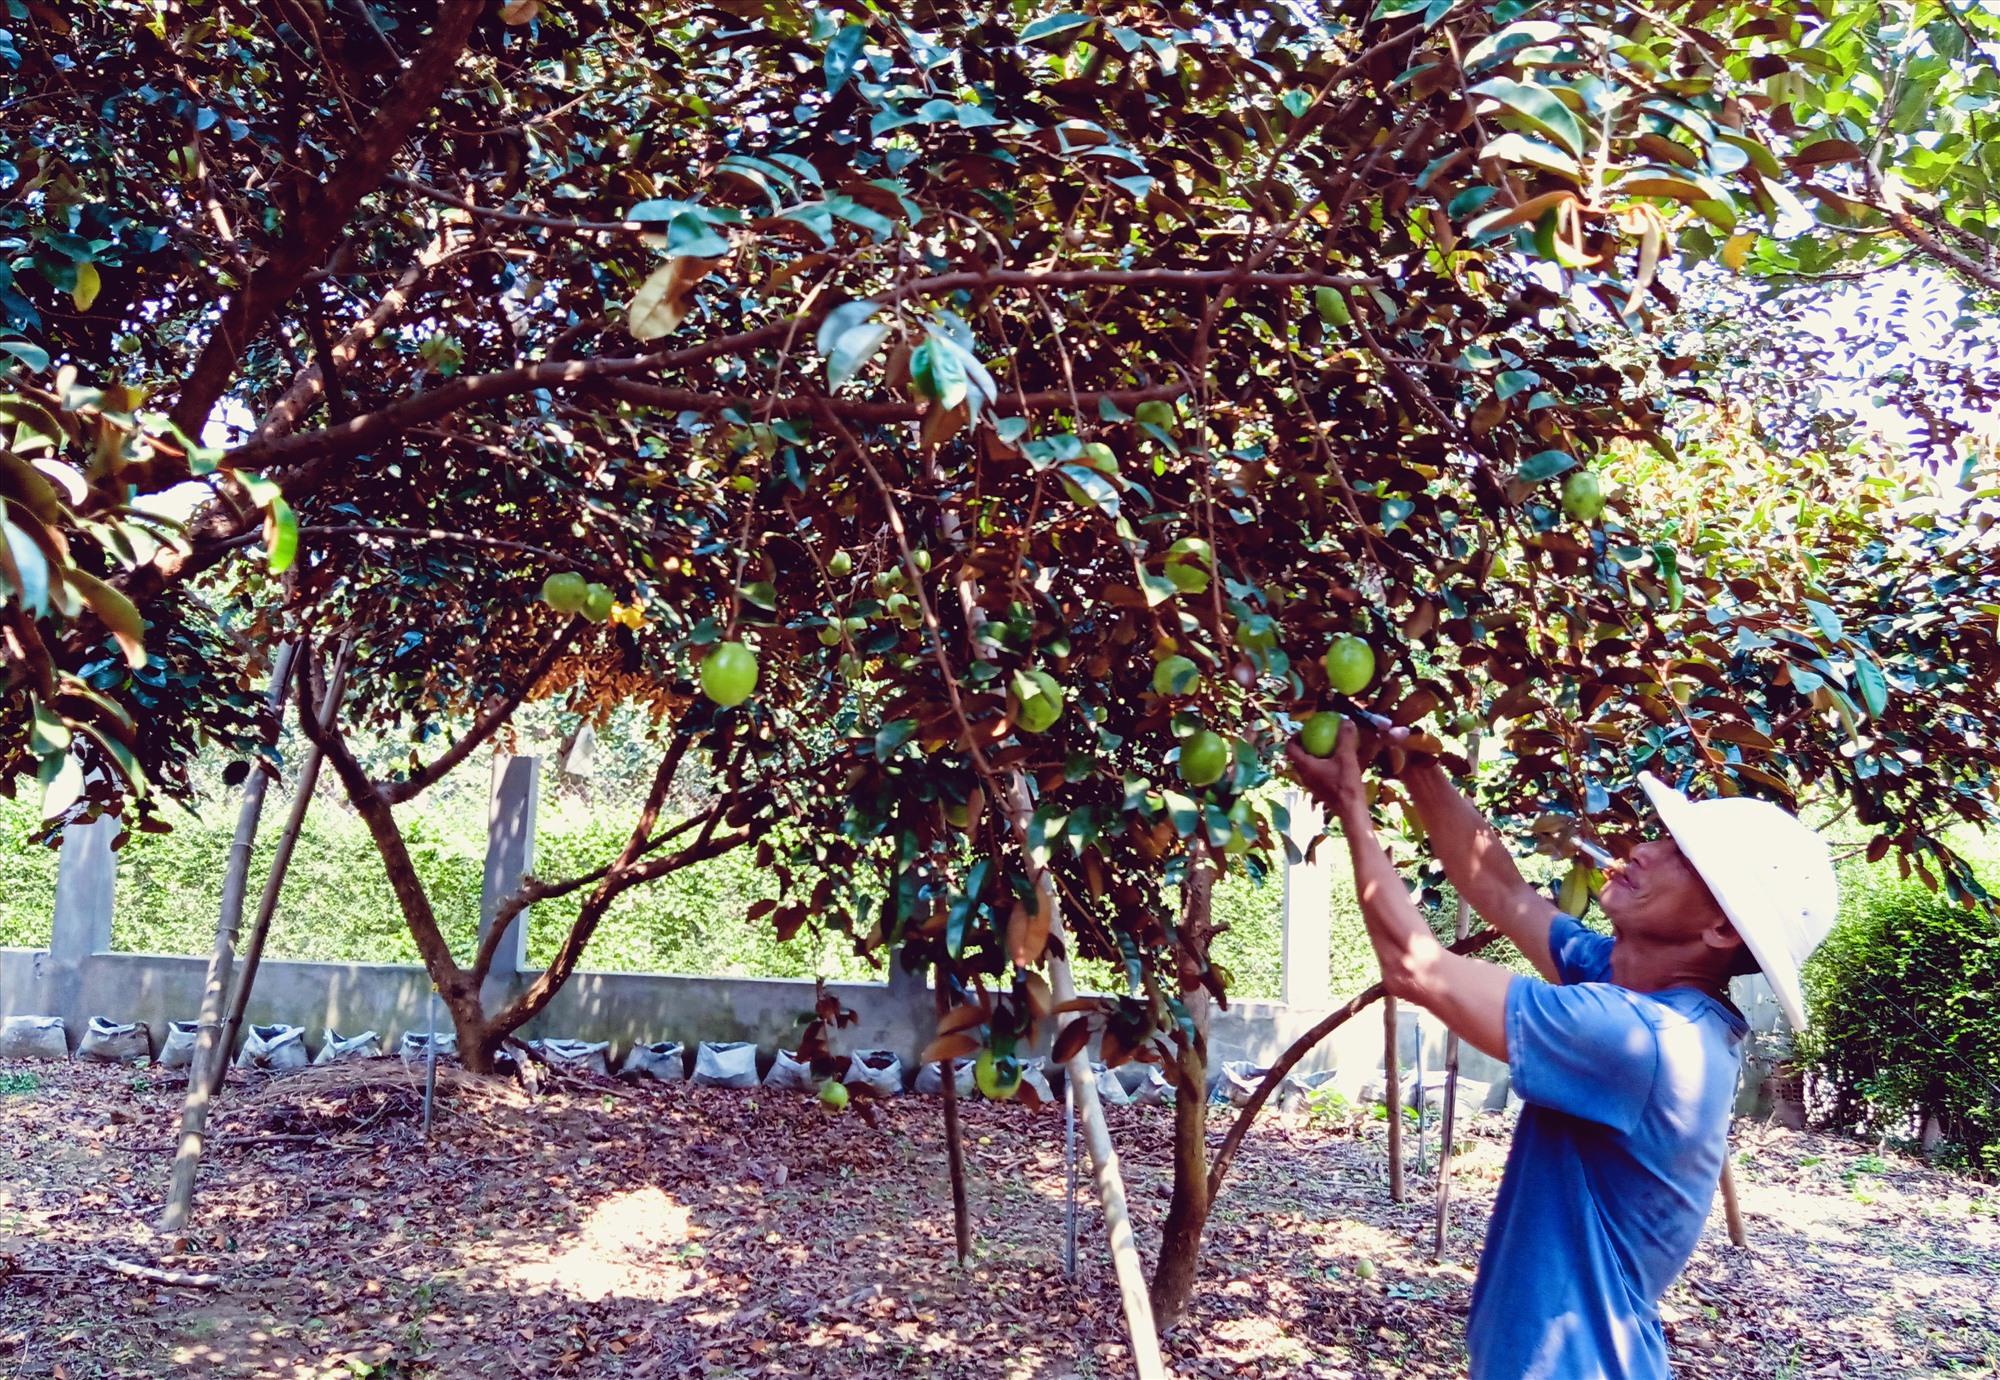 Vườn cây ăn quả của hộ ông Nguyễn Hạt, xã Đại Hưng rộng hơn héc ta với mít Thái Lan, bưởi da xanh, cam Vinh, vú sữa. Ảnh: HOÀNG LIÊN